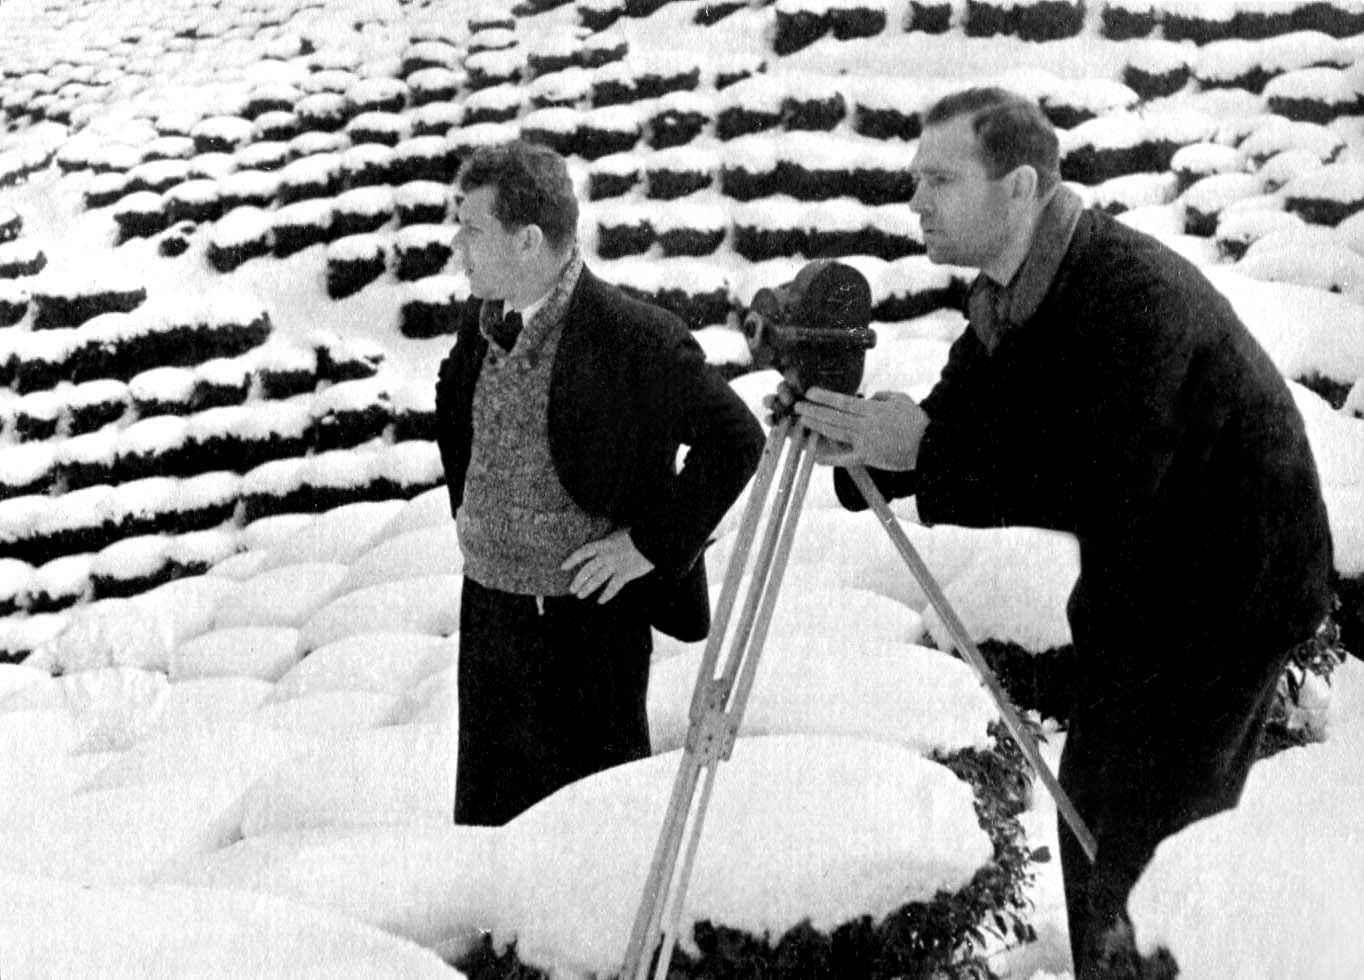 Экспонат #24. С Николаем Вихиревым. 1933 — 1934 гг.